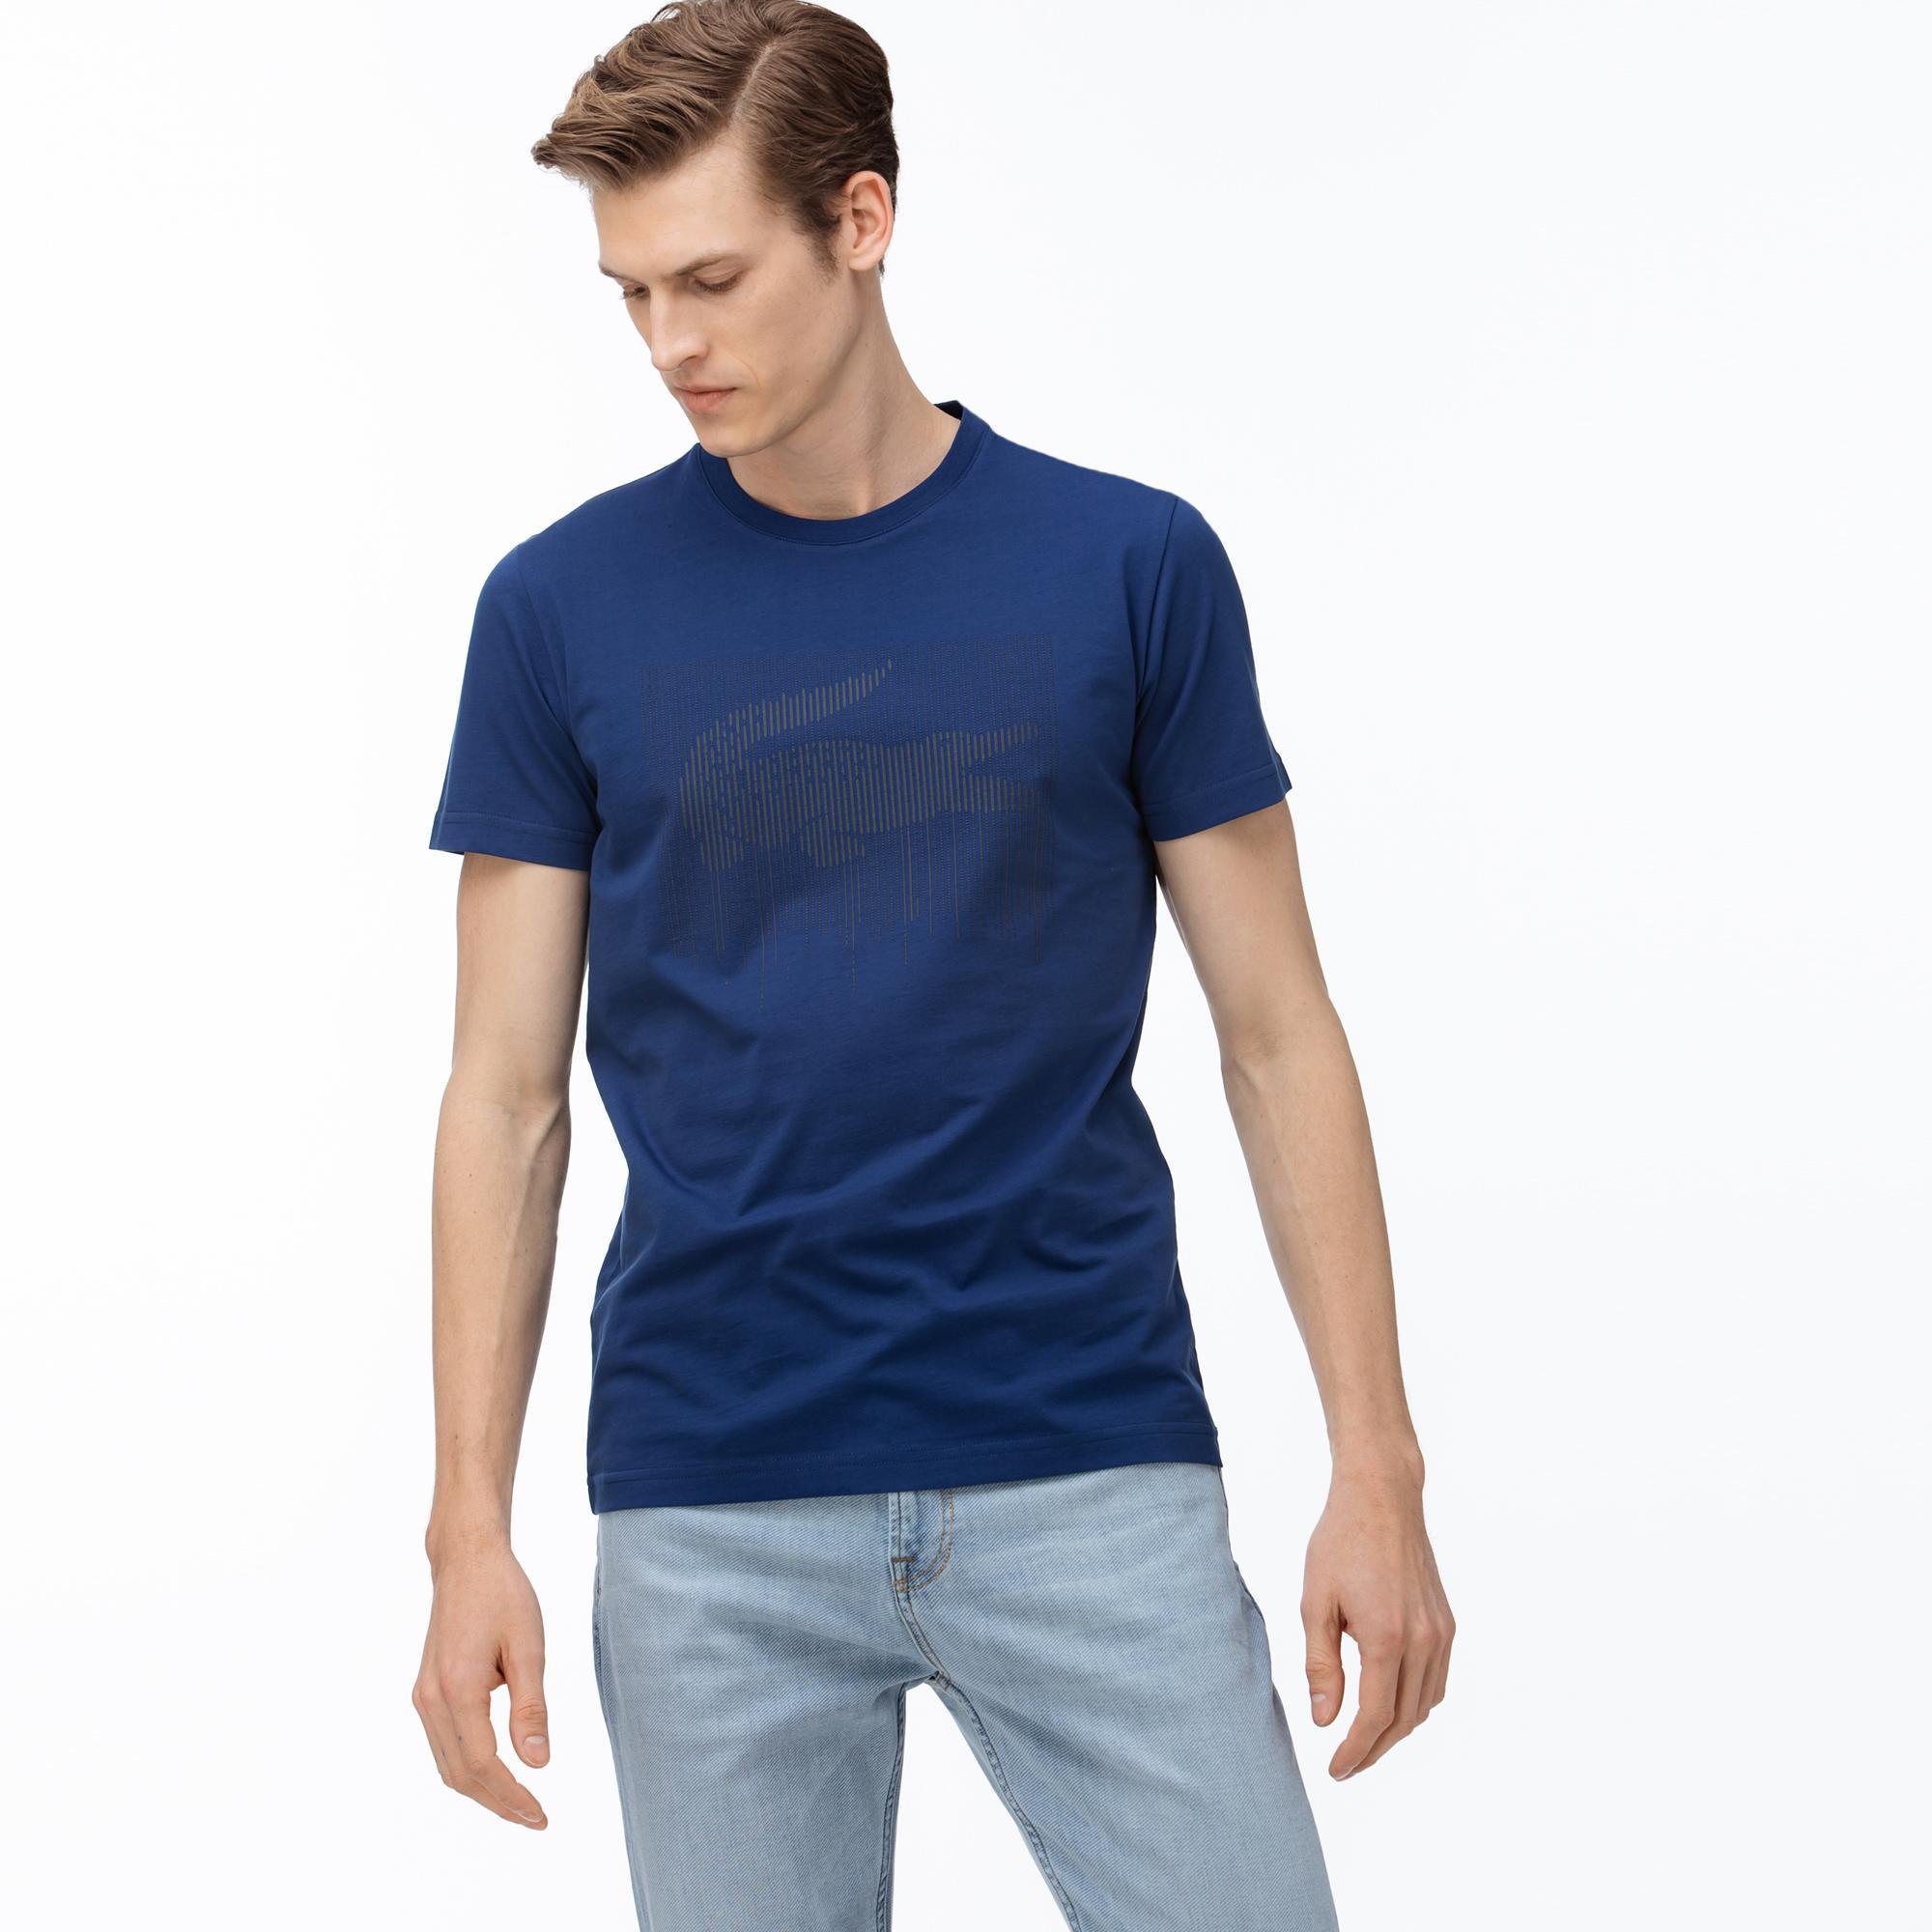 Lacoste Men/'s Graphic T-Shirt Blue